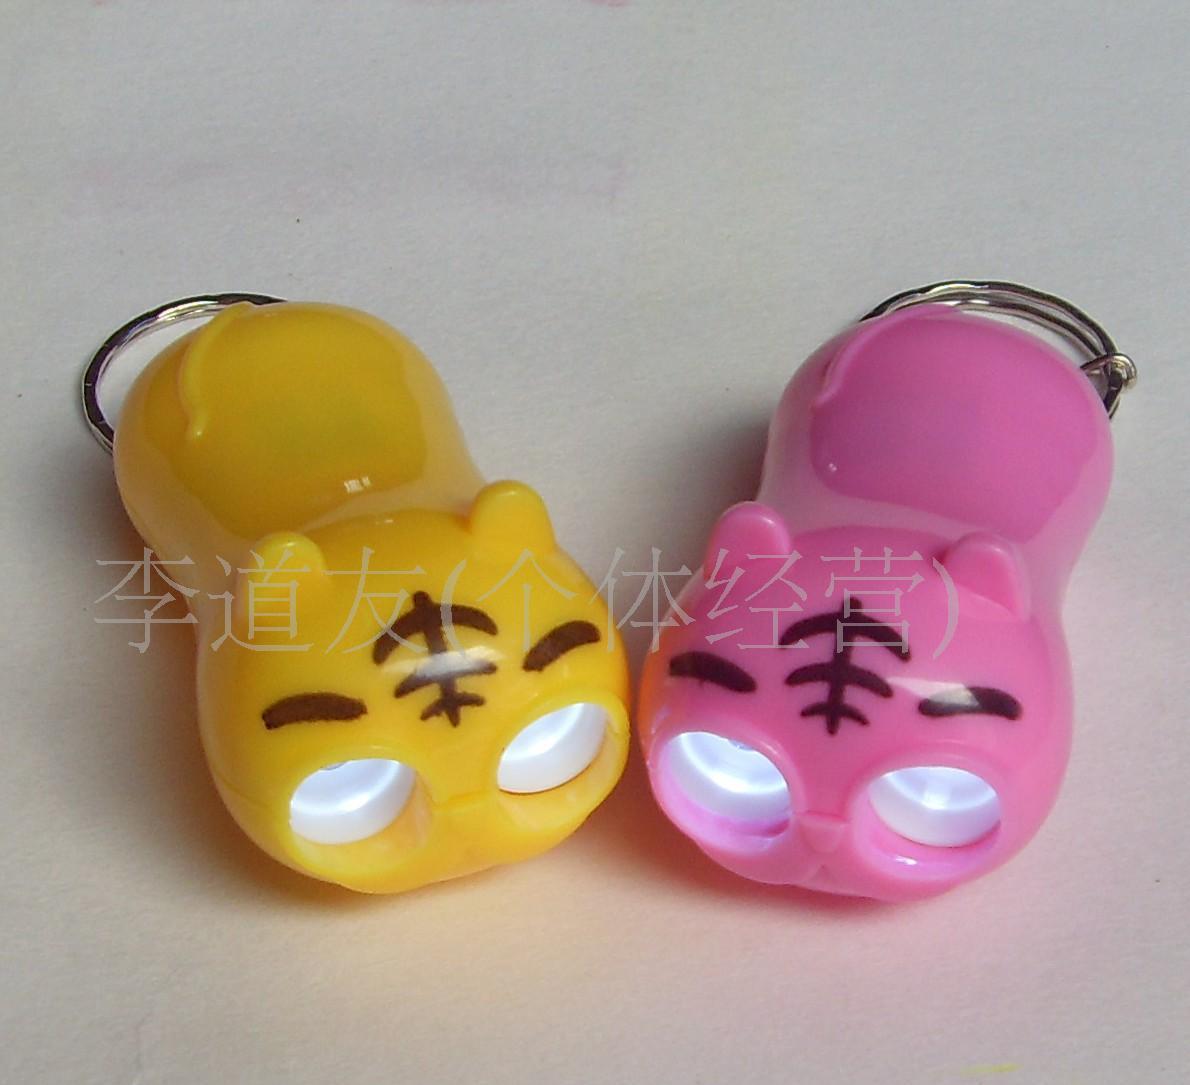 产品名称: 供应广告促销礼品 塑料钥匙扣 老虎灯 led 供货量:0 最小